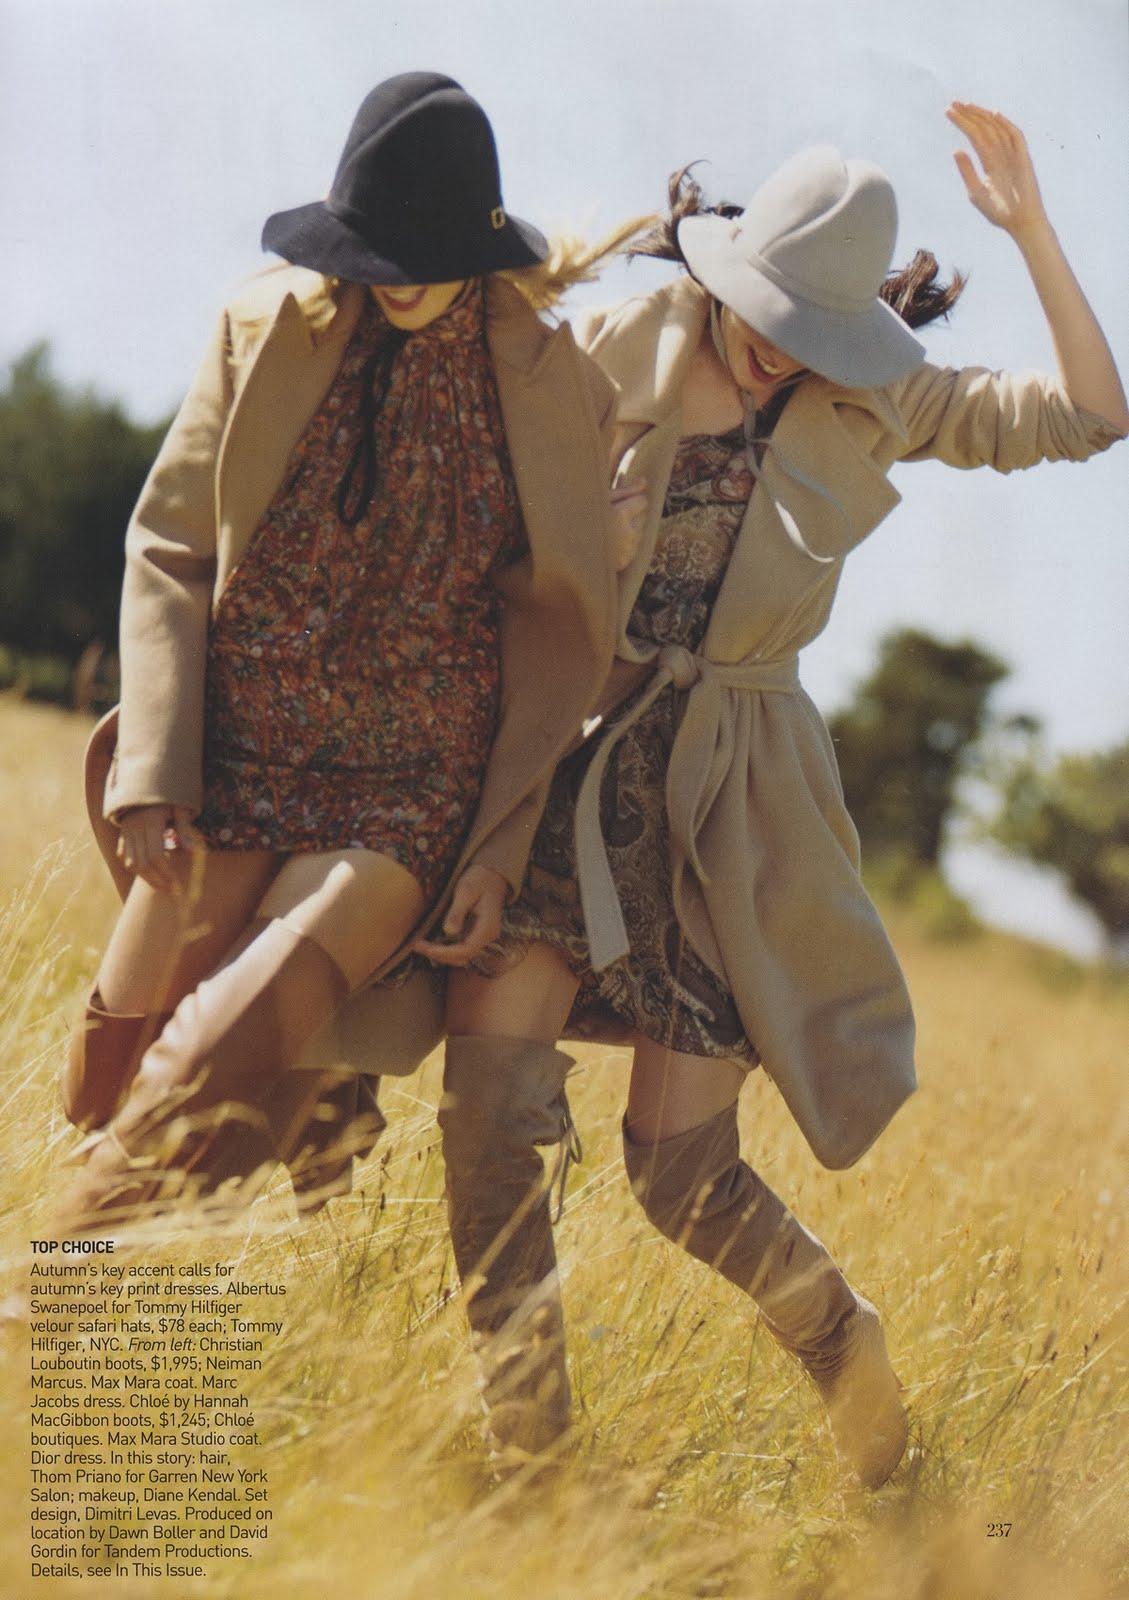 http://2.bp.blogspot.com/-Owa5OGnRigY/TbC_CTPWftI/AAAAAAAAVPI/di-54iJmanc/s1600/Vogue10-09_HeadGames06.jpg